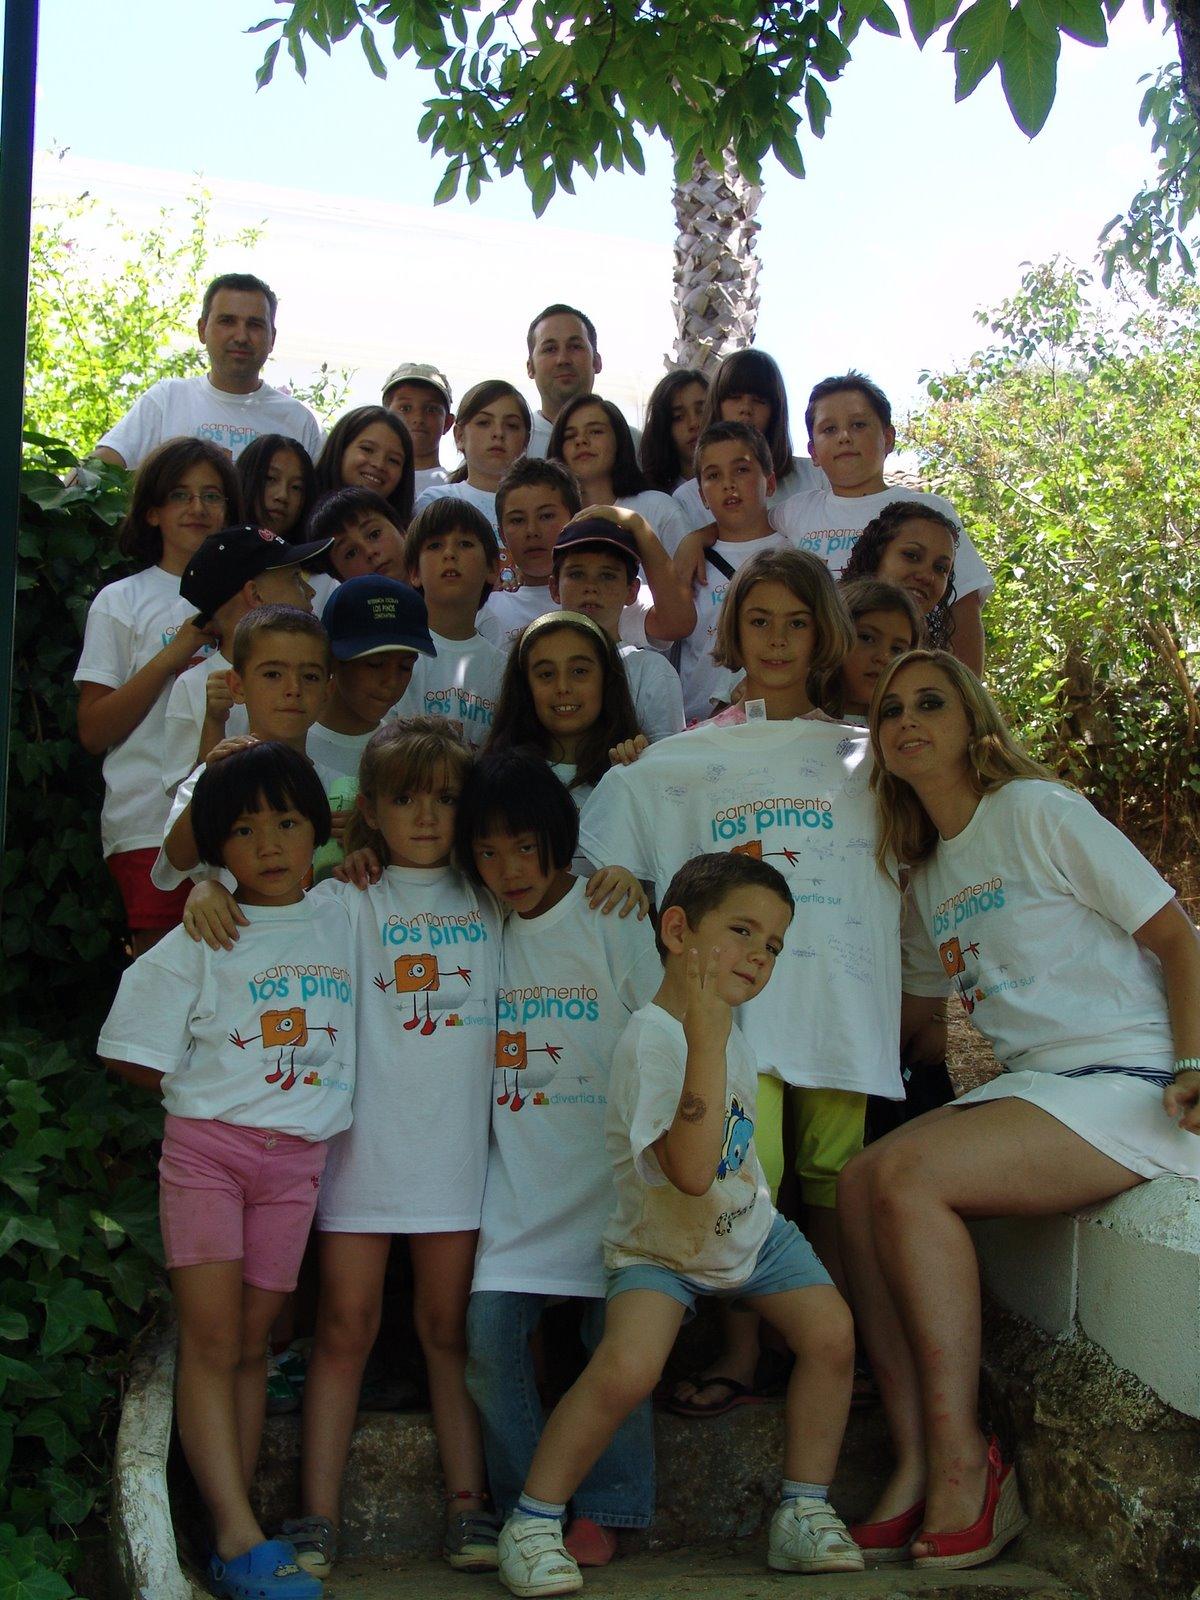 Campamento Los Pinos Constantina Sevilla 1 1 Son 8 Los mejores campamentos surf para este verano. campamento los pinos constantina